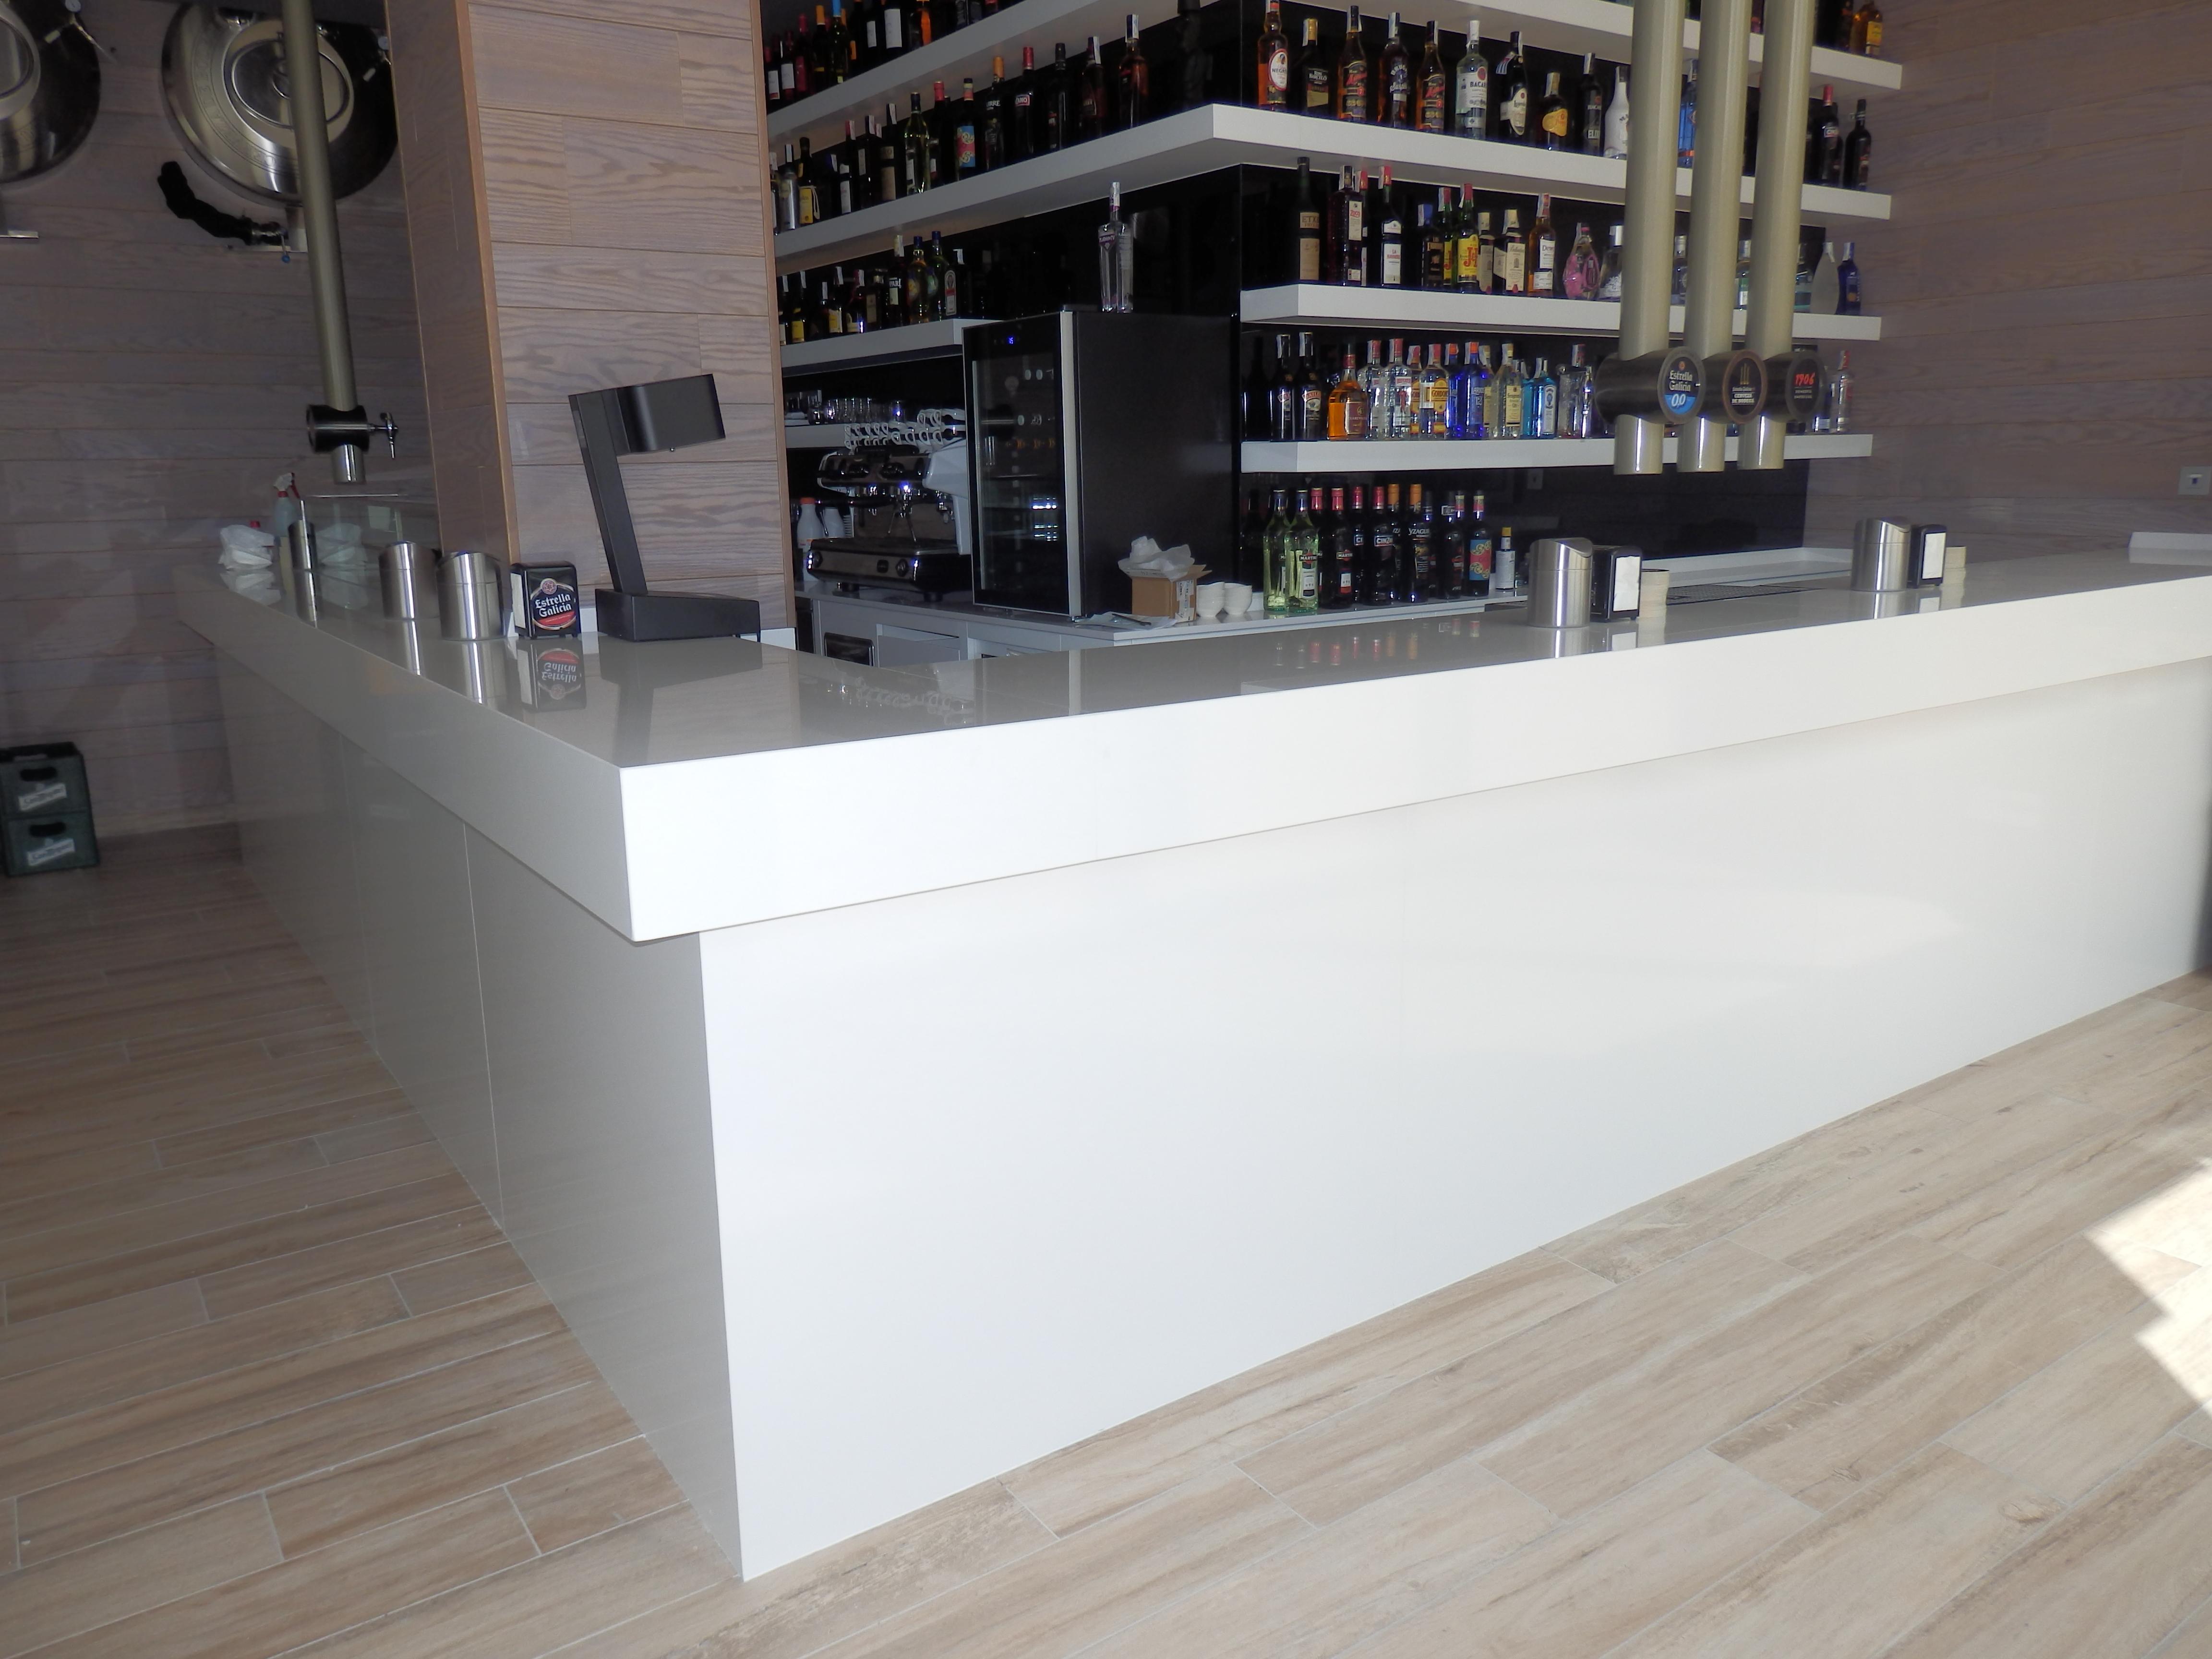 Servicios m rmoles y granito la varga for Bar para cocina